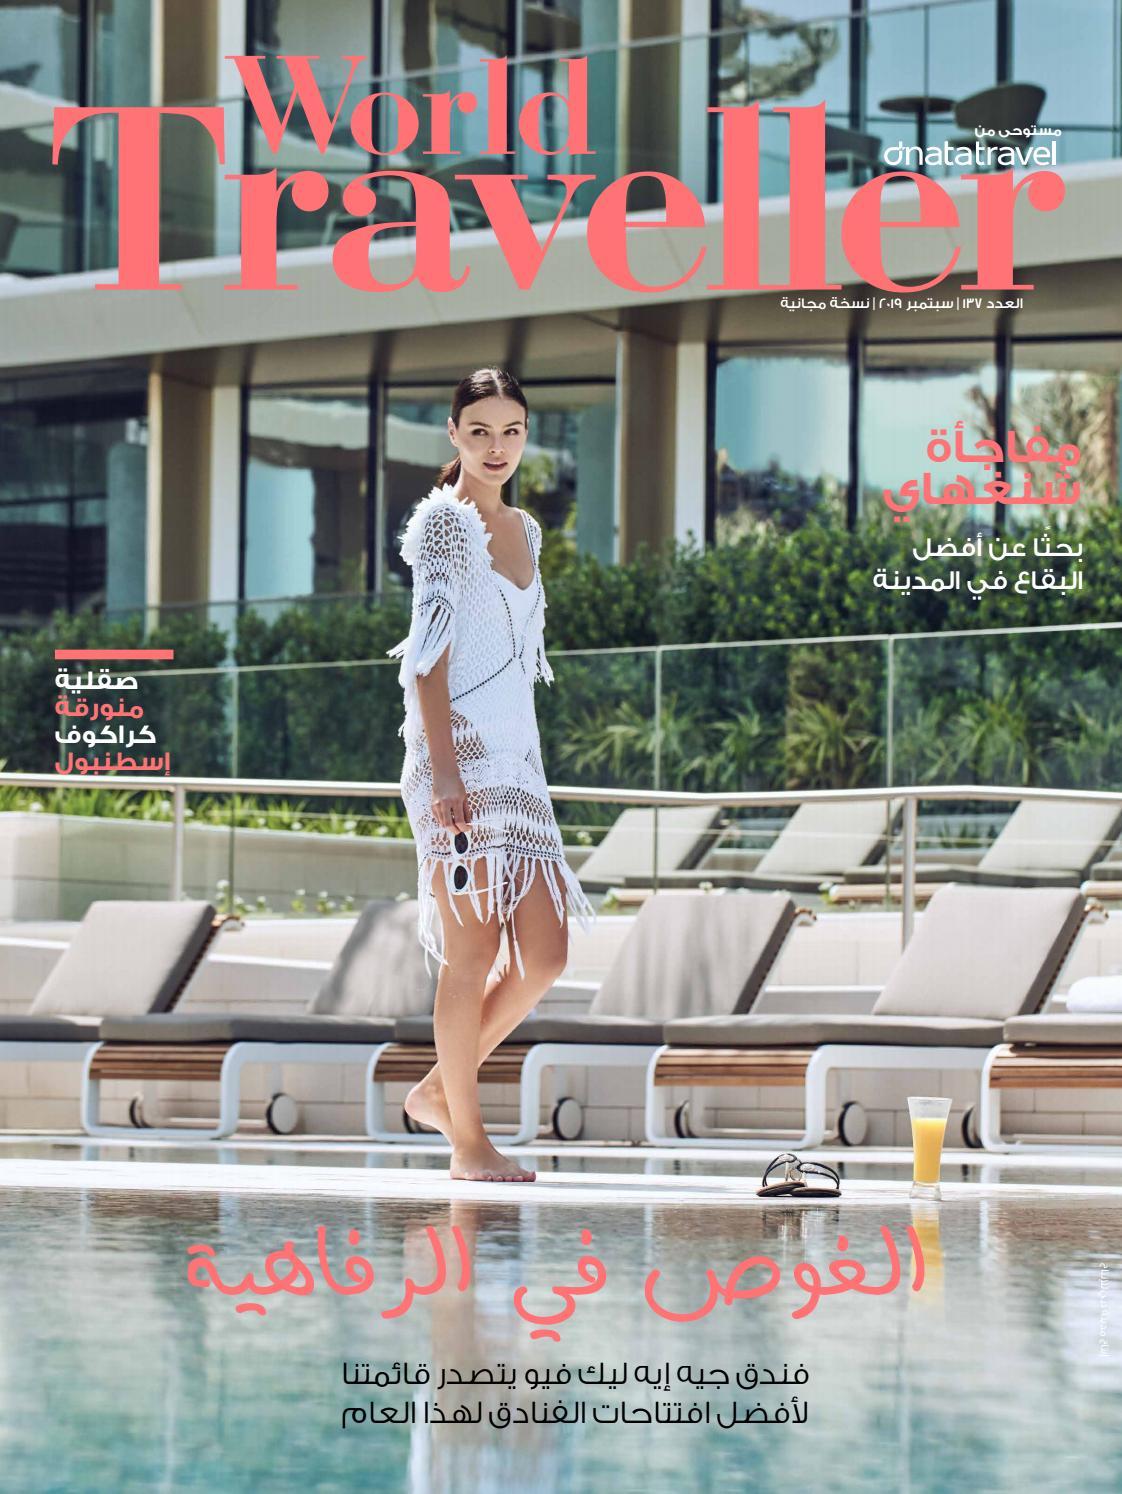 World Traveller Arabic September19 By Hot Media Issuu